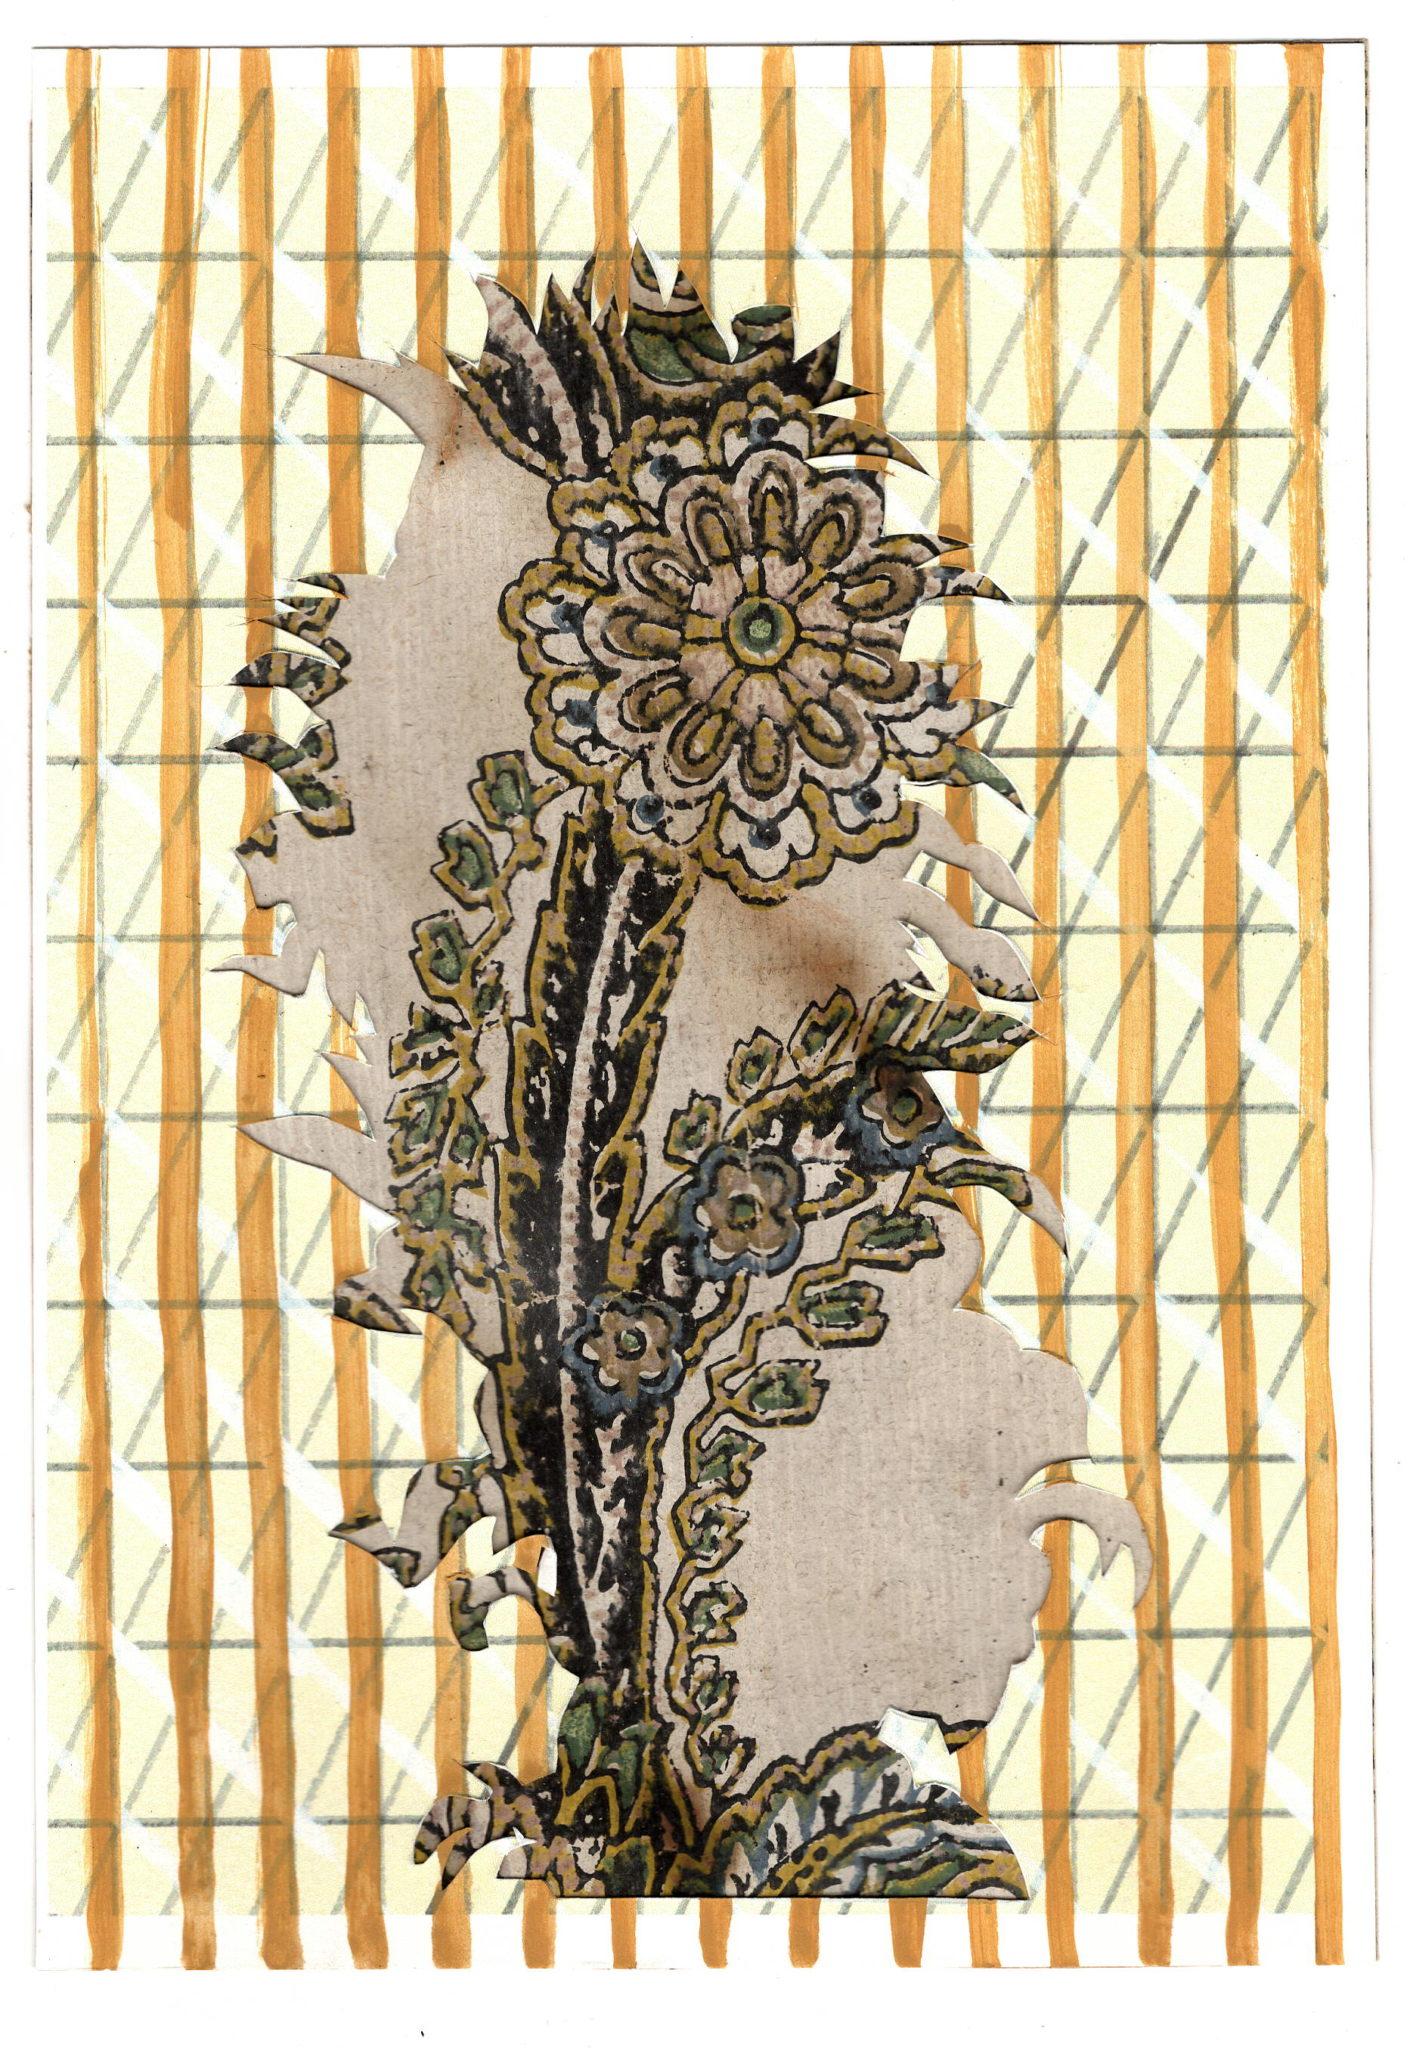 Frédérique Lucien, Fantôme, 2019_Dessin sur papier découpé et collé sur papier peint, 21 x 15 cm © Frédérique Lucien, Galerie Jean Fournier, Paris, 2019